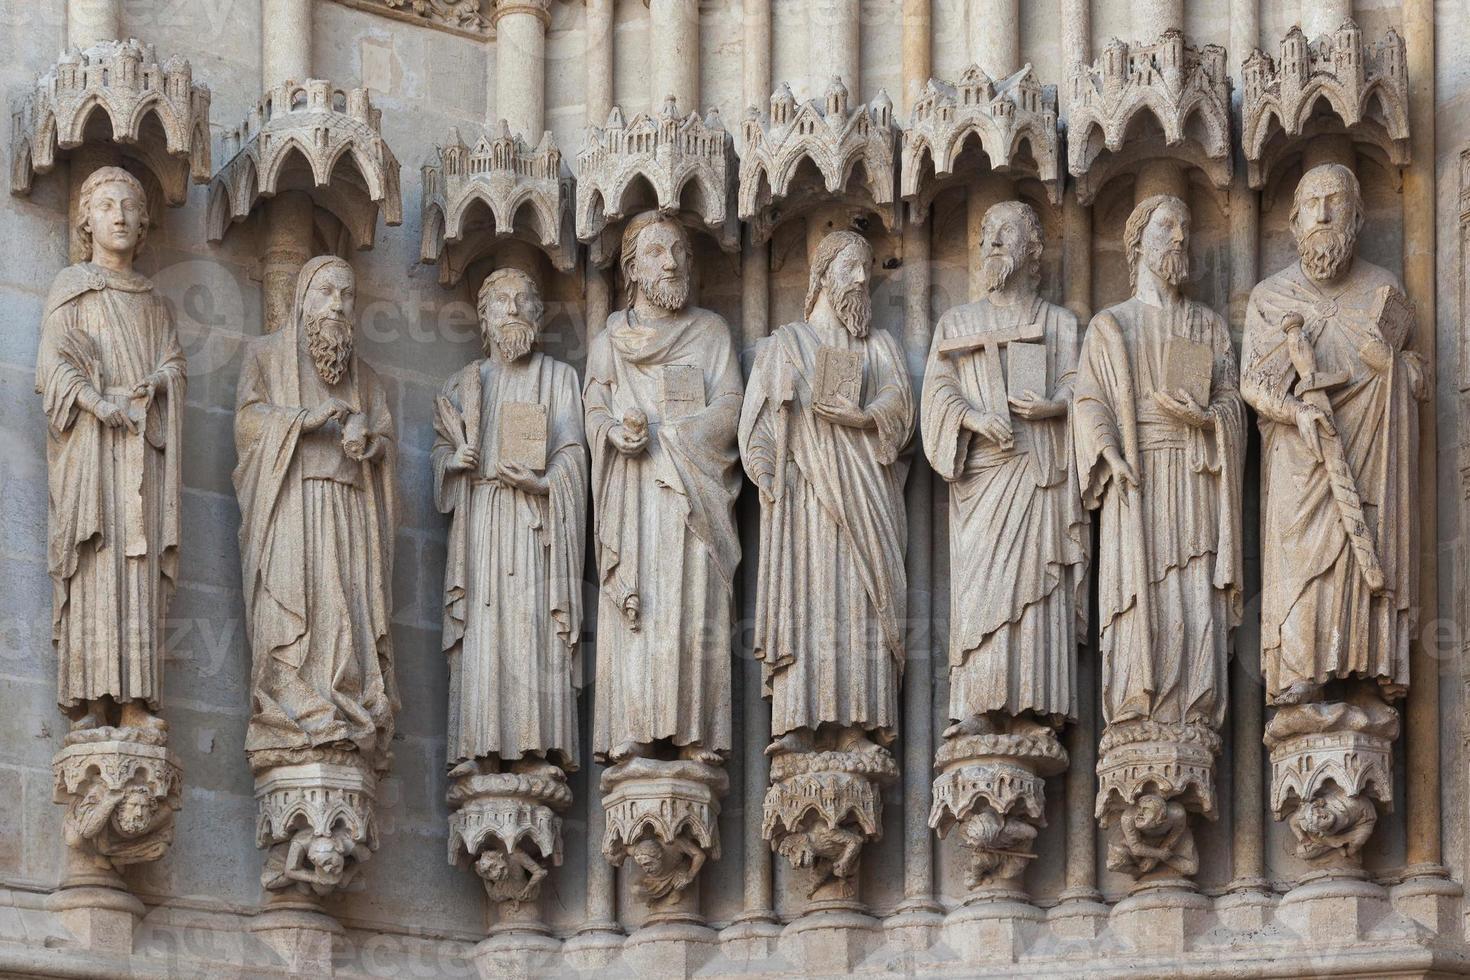 fasad på katedralen i Amiens foto